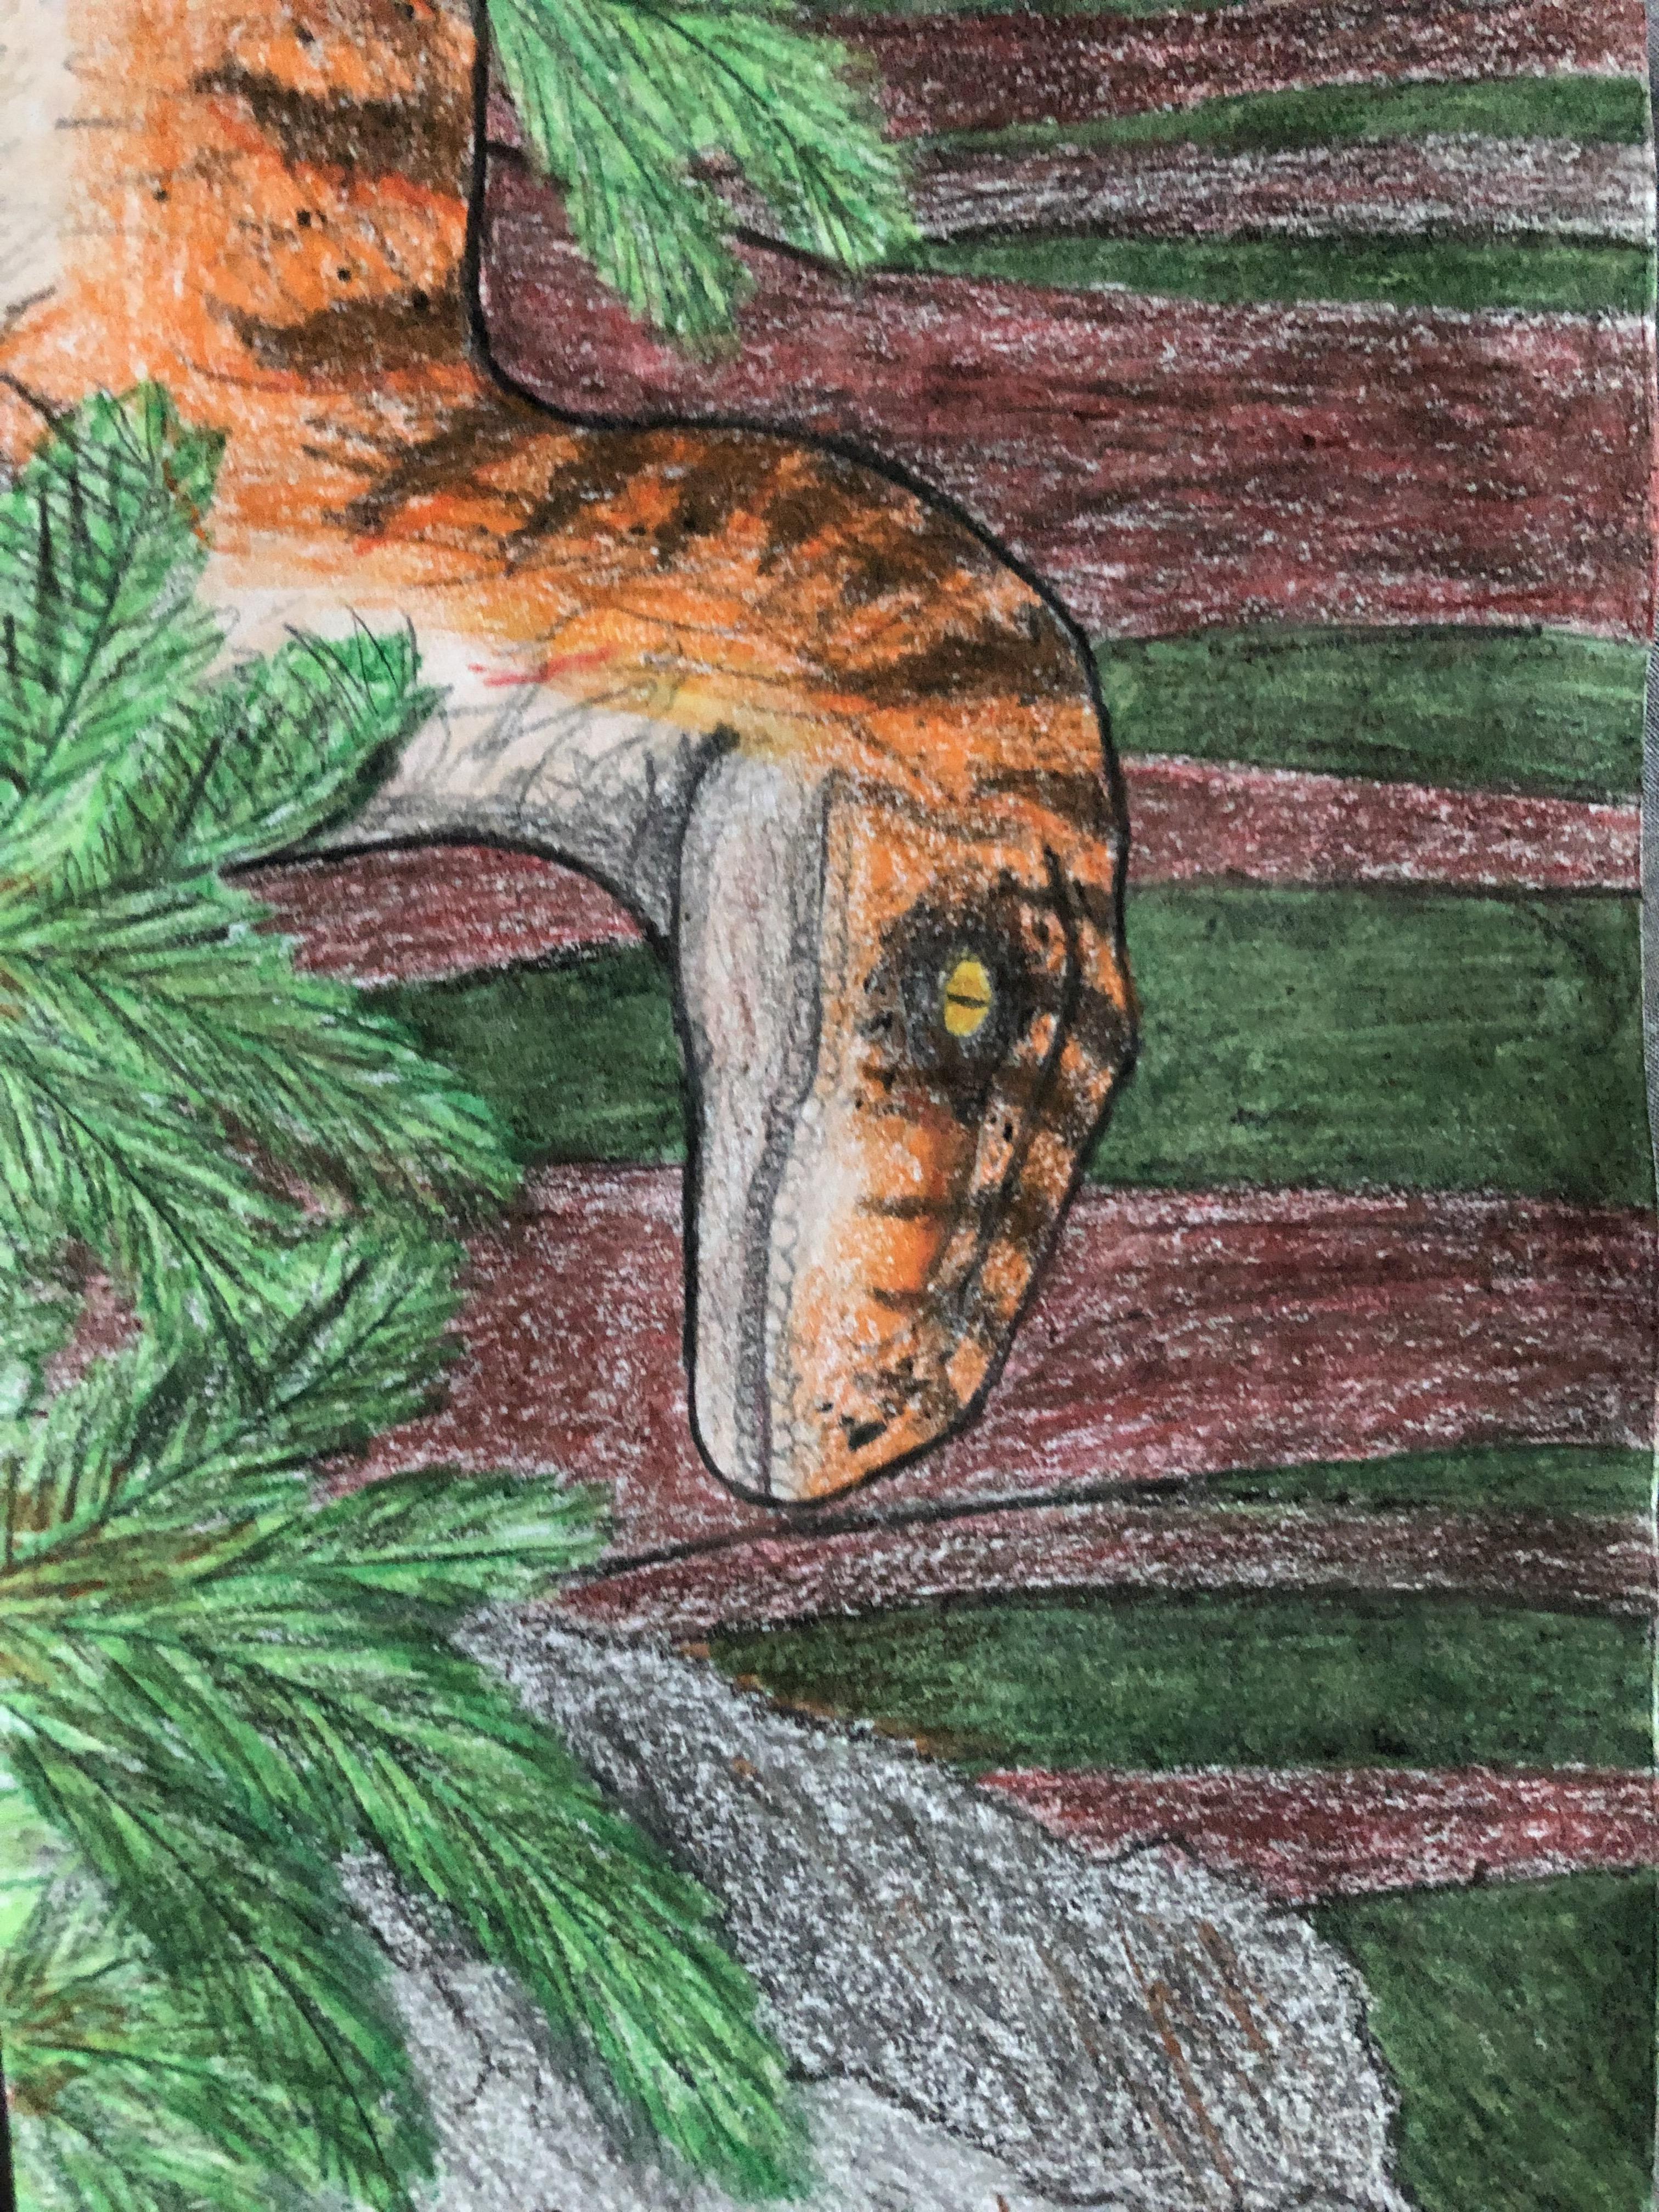 Lost World Raptor In The Red Woods Parque Jurasico Parques Dinosaurios ¿sabías que los dinosaurios dominaron la tierra durante 160 millones de años? pinterest